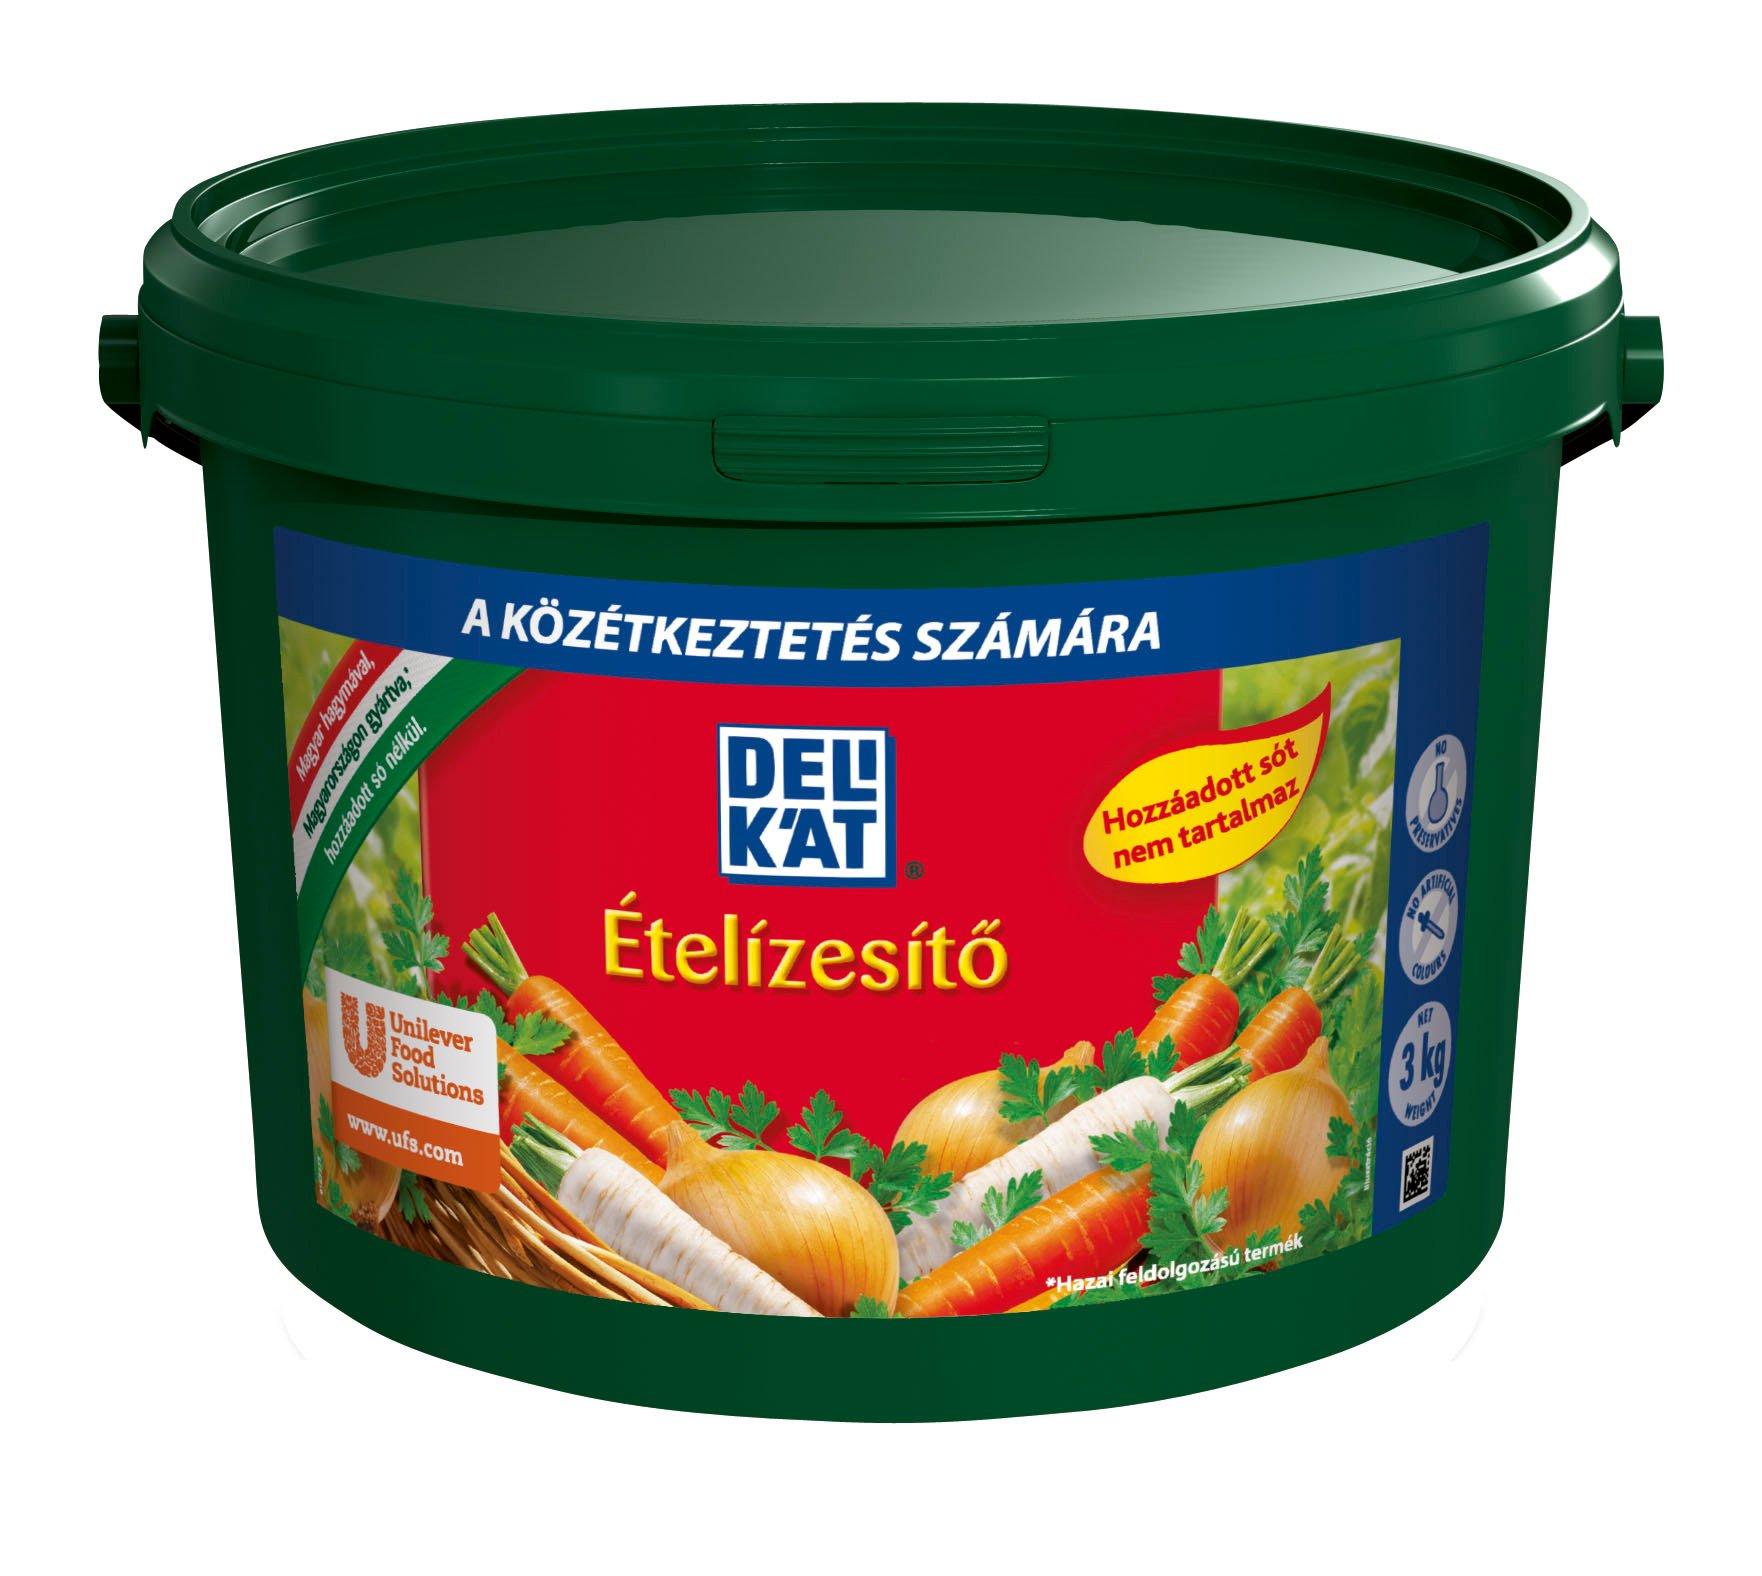 Delikát Ételízesítő hozzáadott só nélkül 3kg*